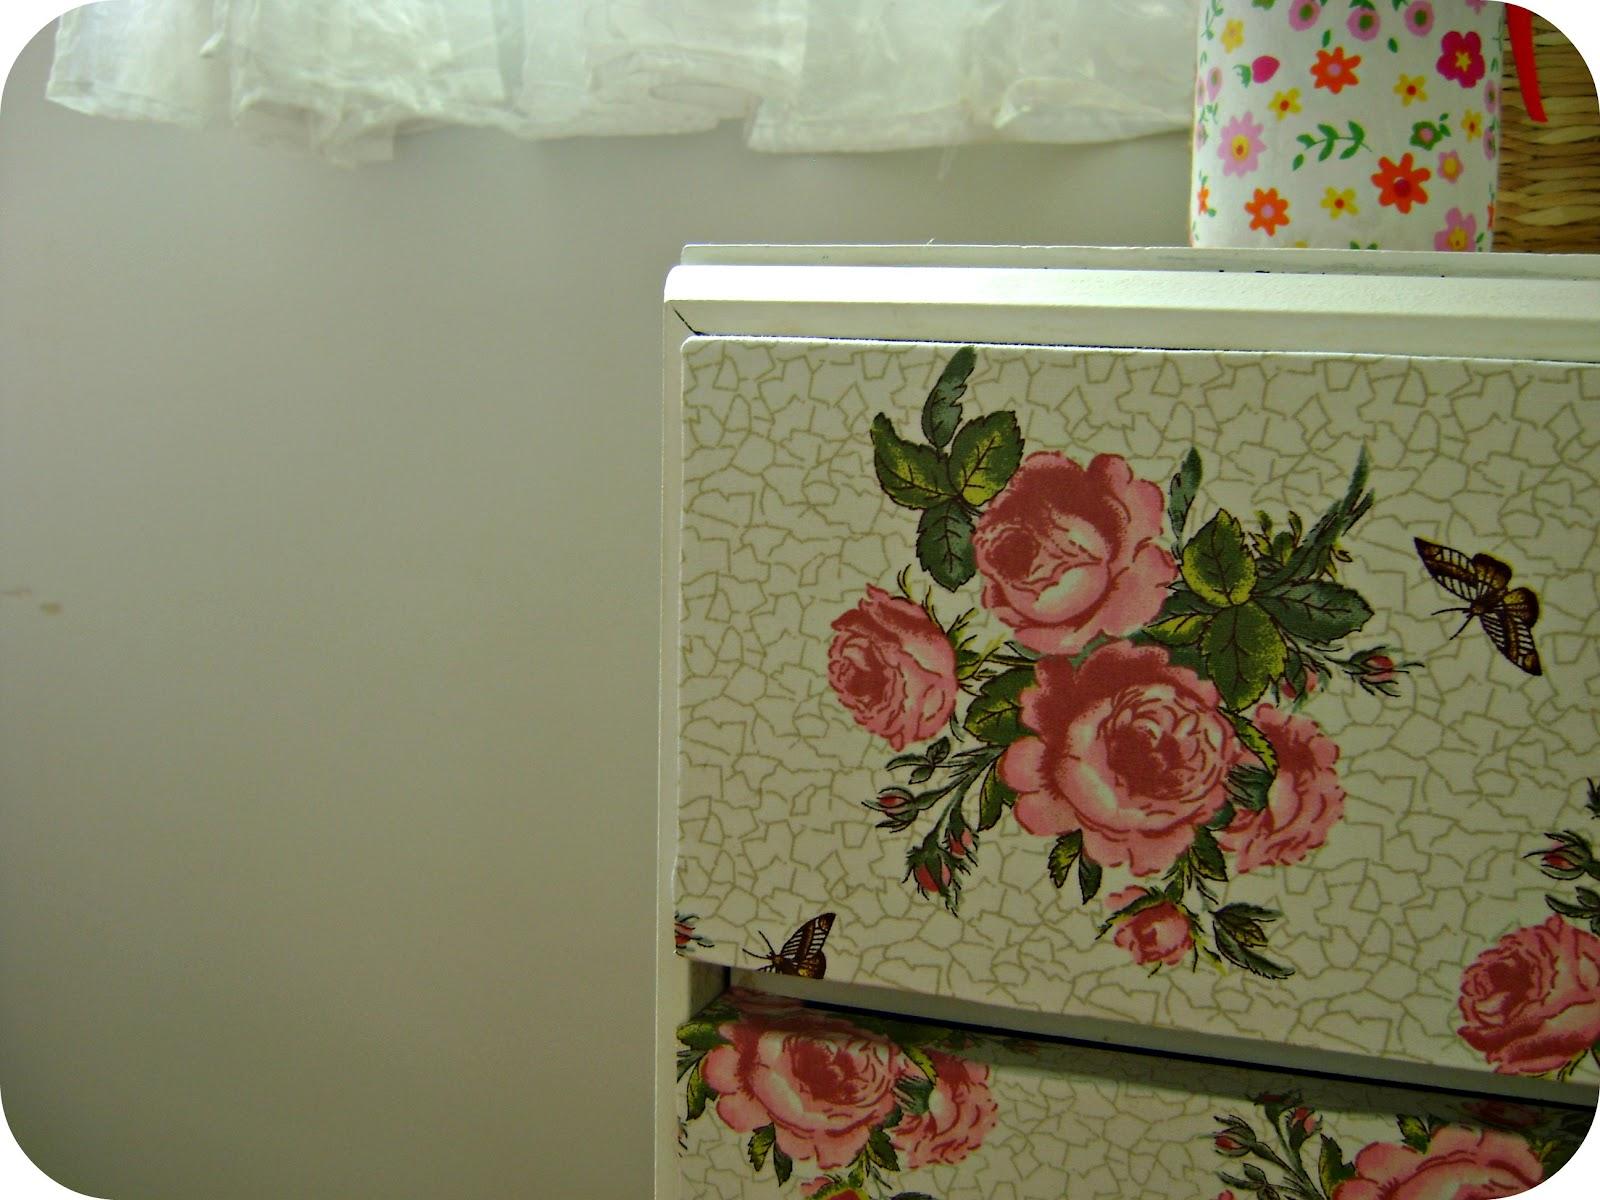 As gavetas da cômoda resolvi encapar com um tecido. Olha como ficou: #763726 1600x1200